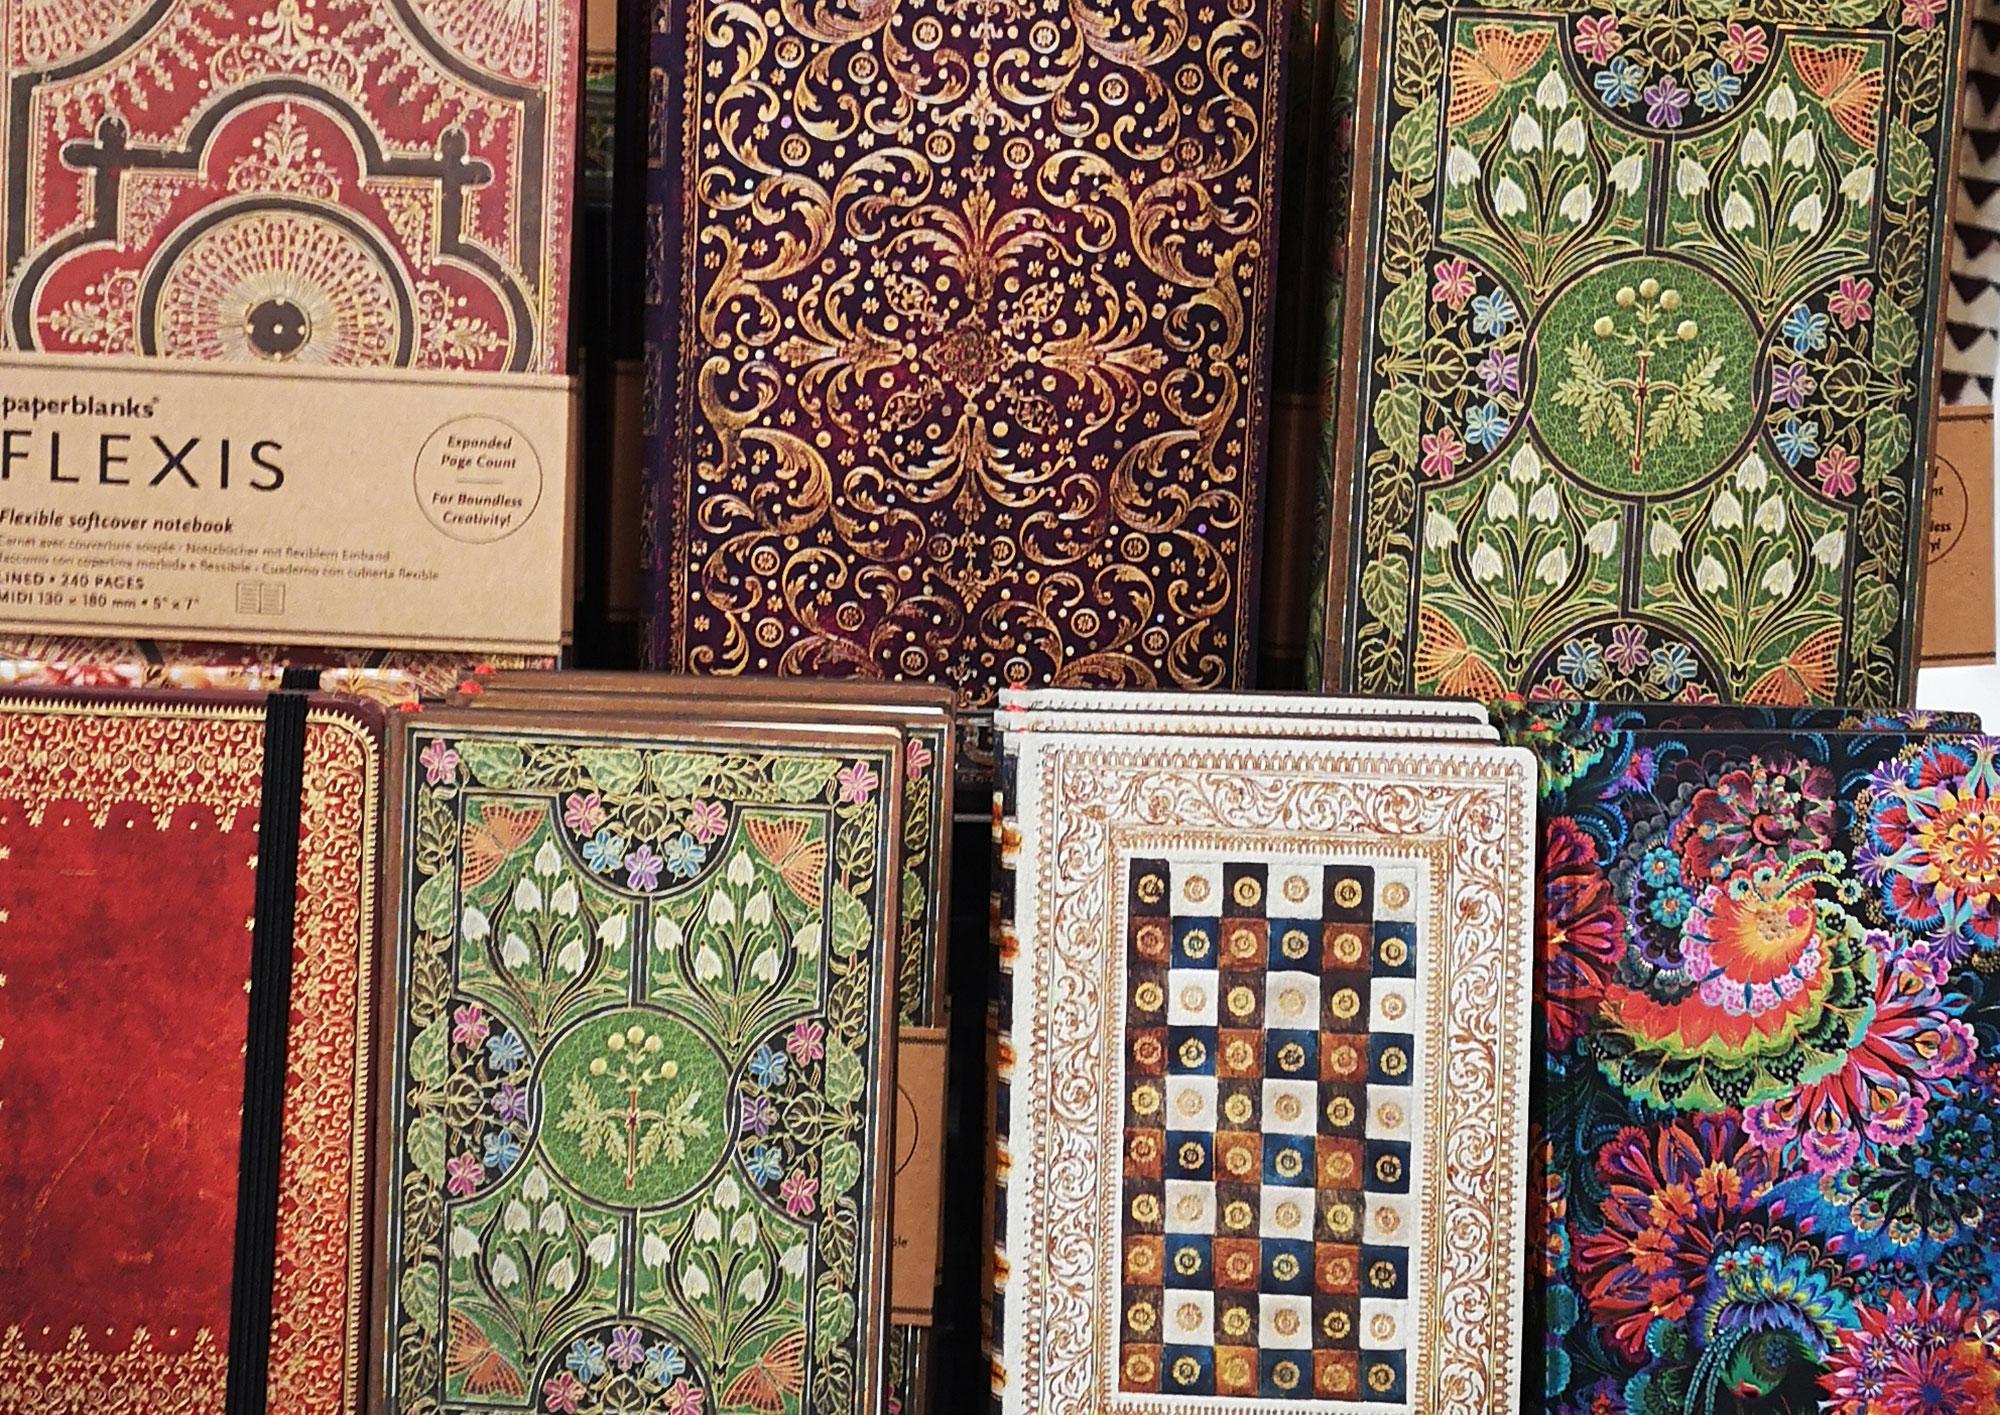 Notizbücher von Paperblanks